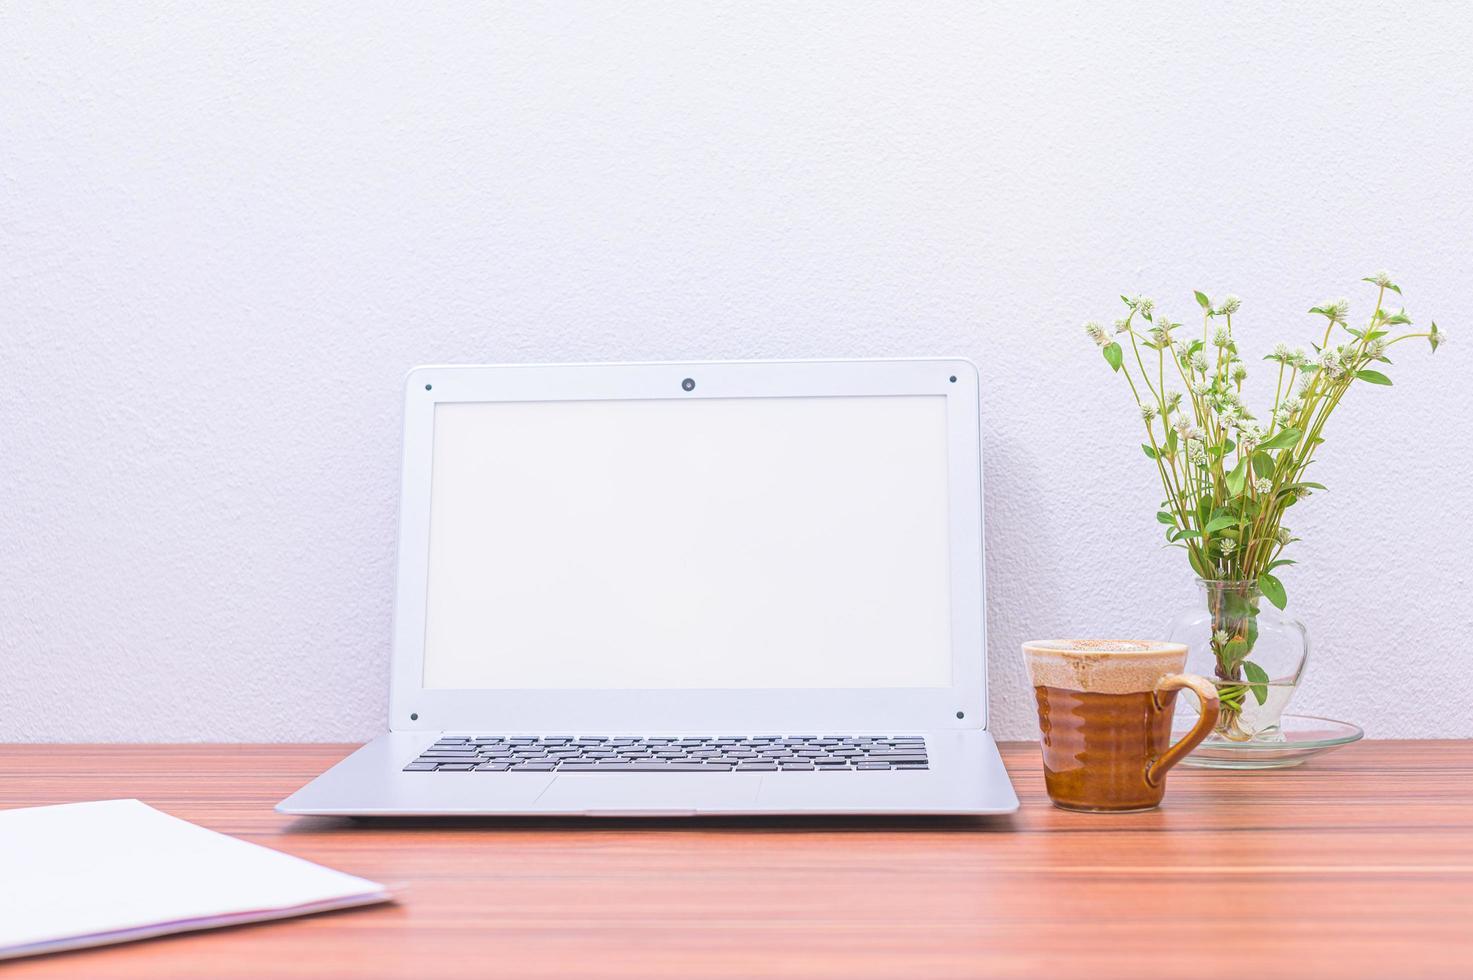 ordinateur portable, tasse et fleur sur le bureau photo